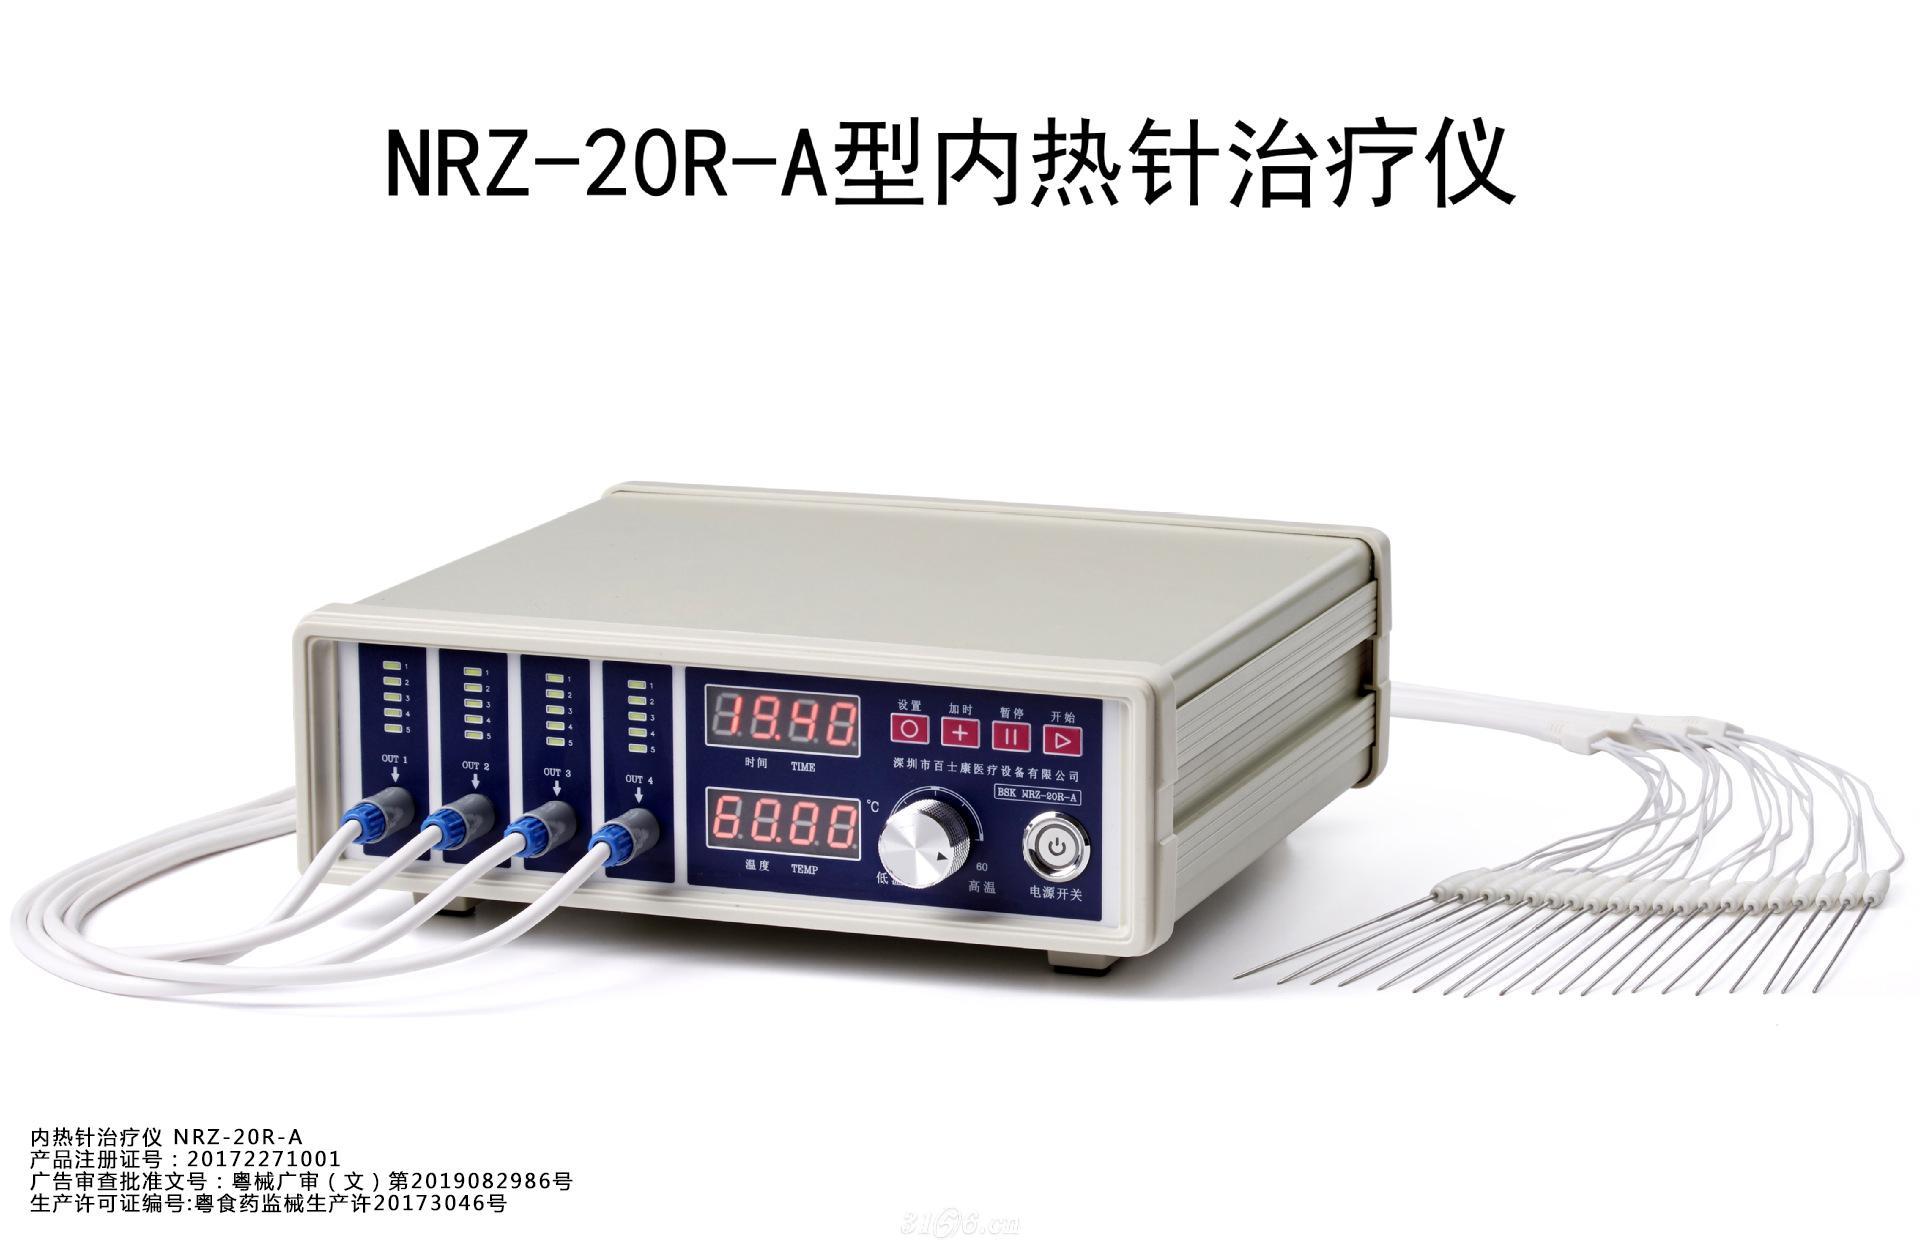 内热针治疗仪 NRZ-20R-A